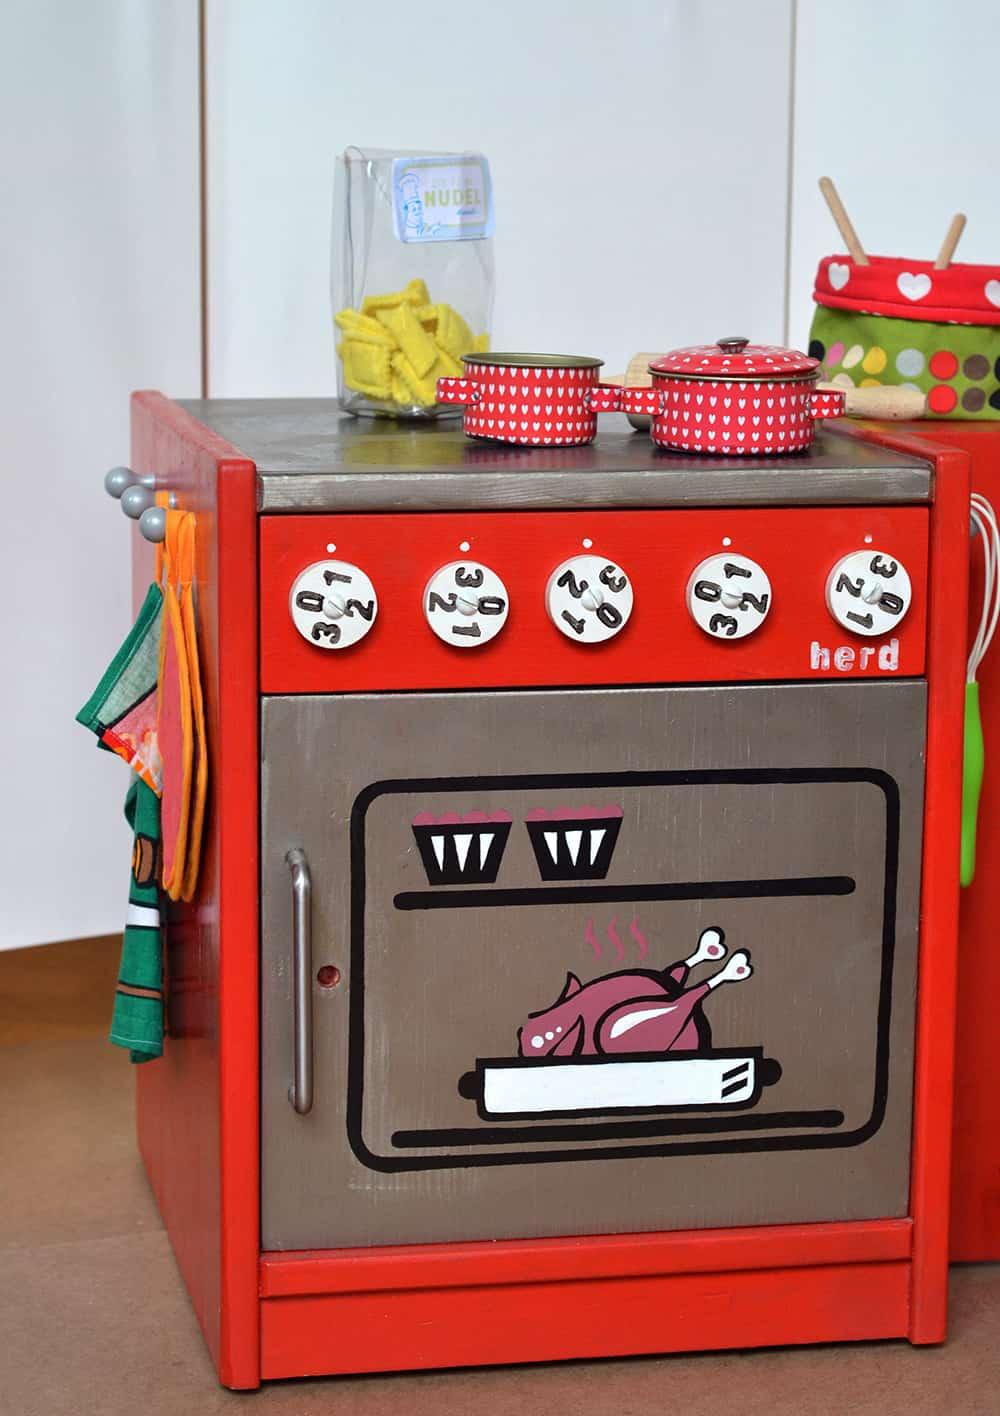 Kinderküche selbstgebaut: Upcycling-DIY bau dir einen Kinderherd im Retrostil!